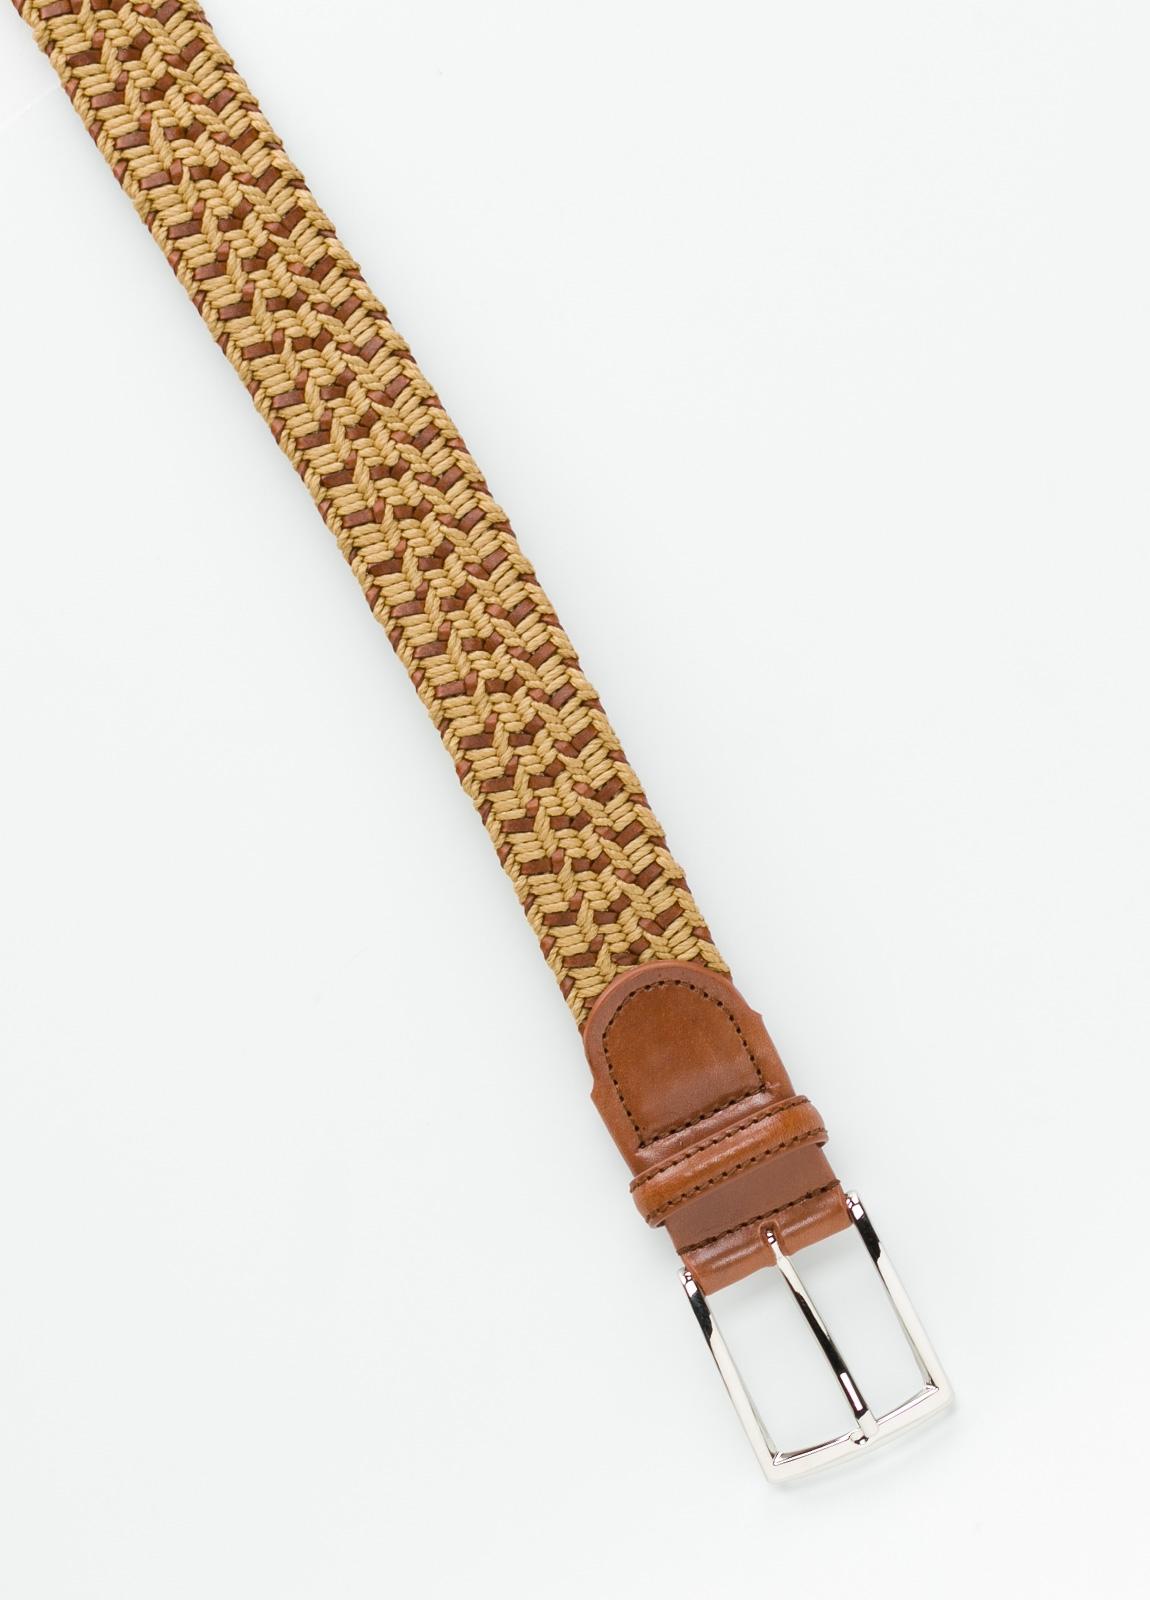 Cinturón Sport trenzado color tostado. Piel y algodón. - Ítem1